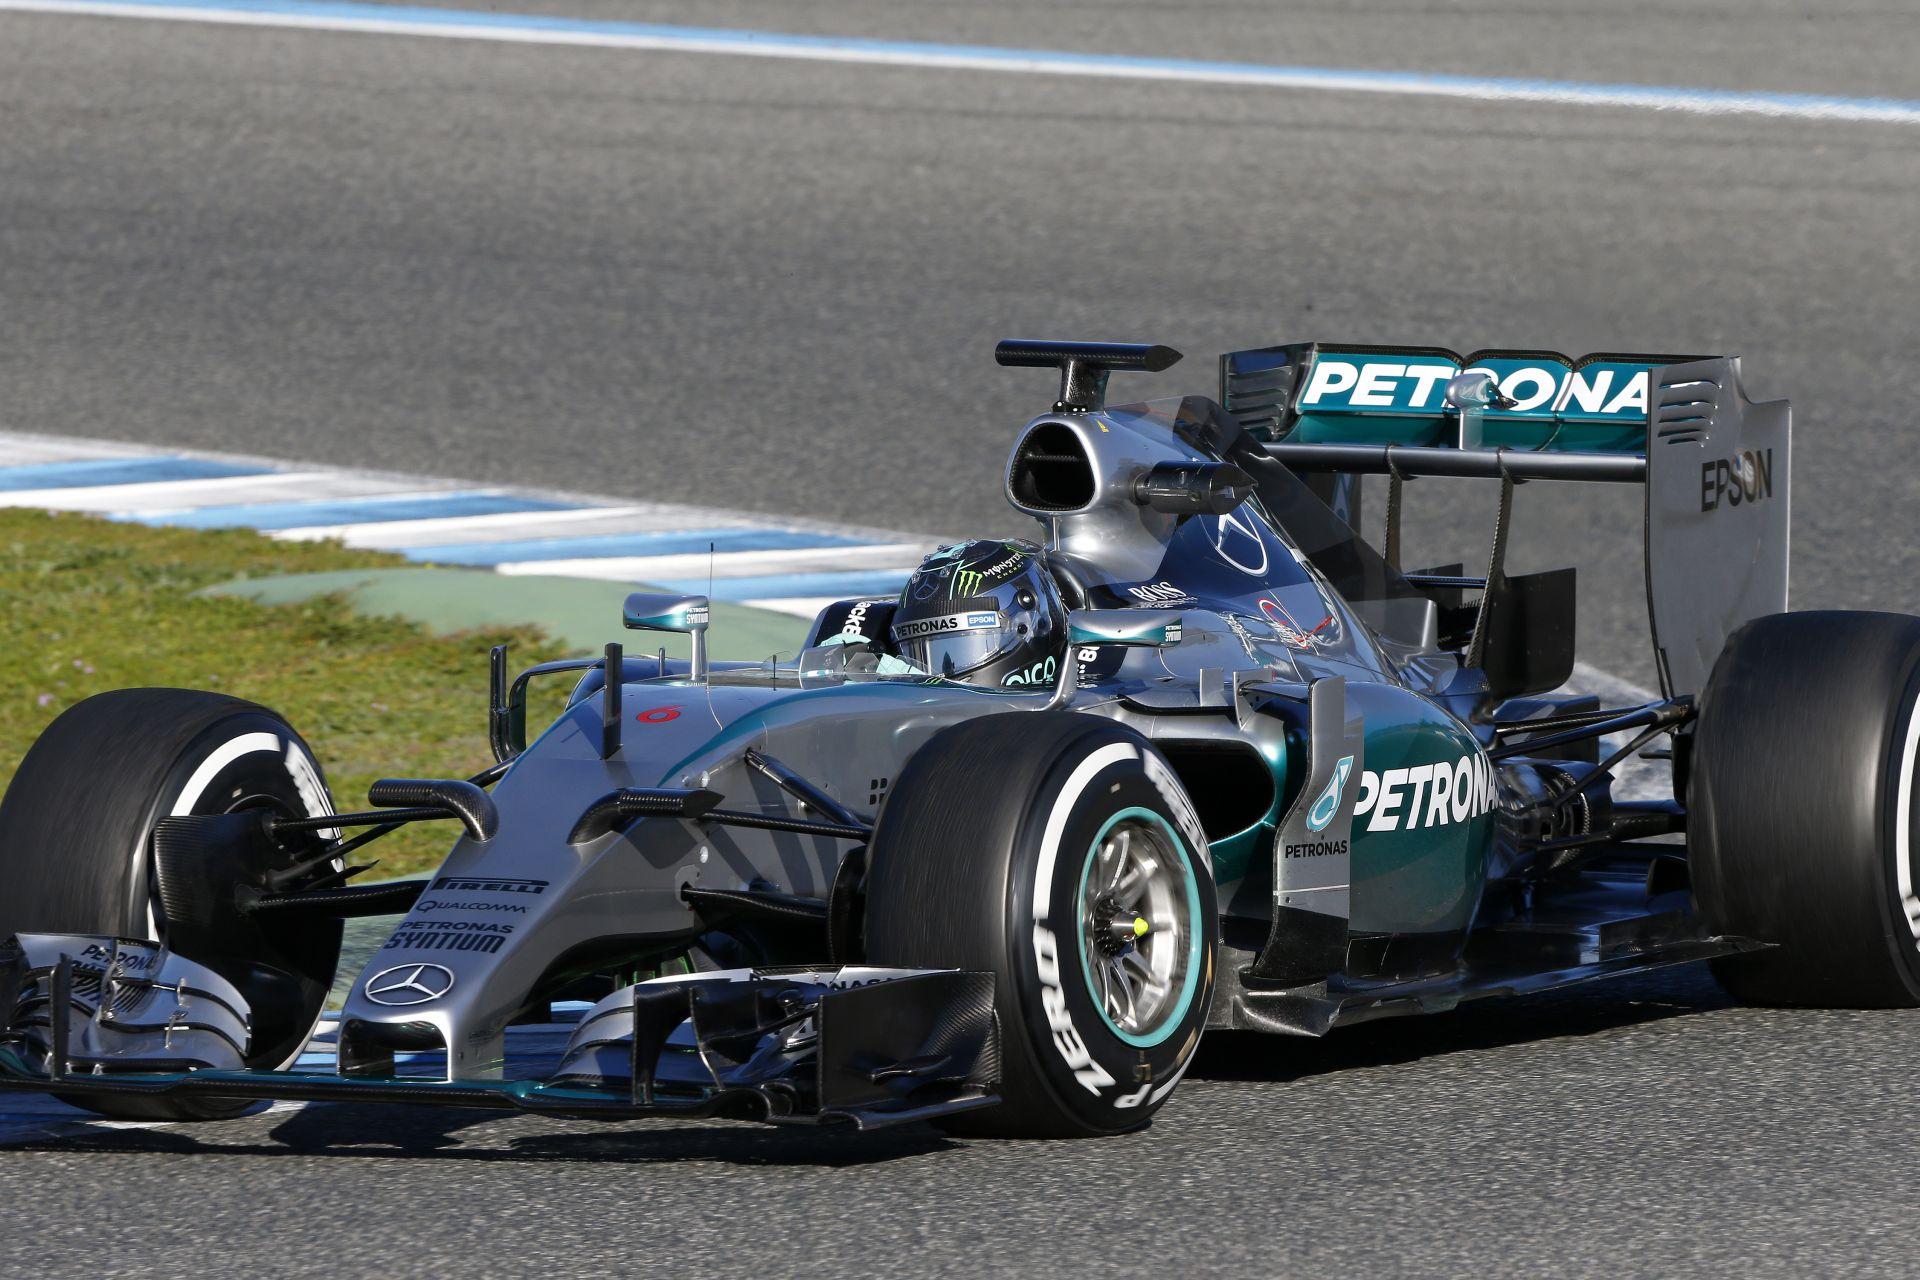 Így néz ki az új F1-es Mercedes menet közben, ha zöldre van festve